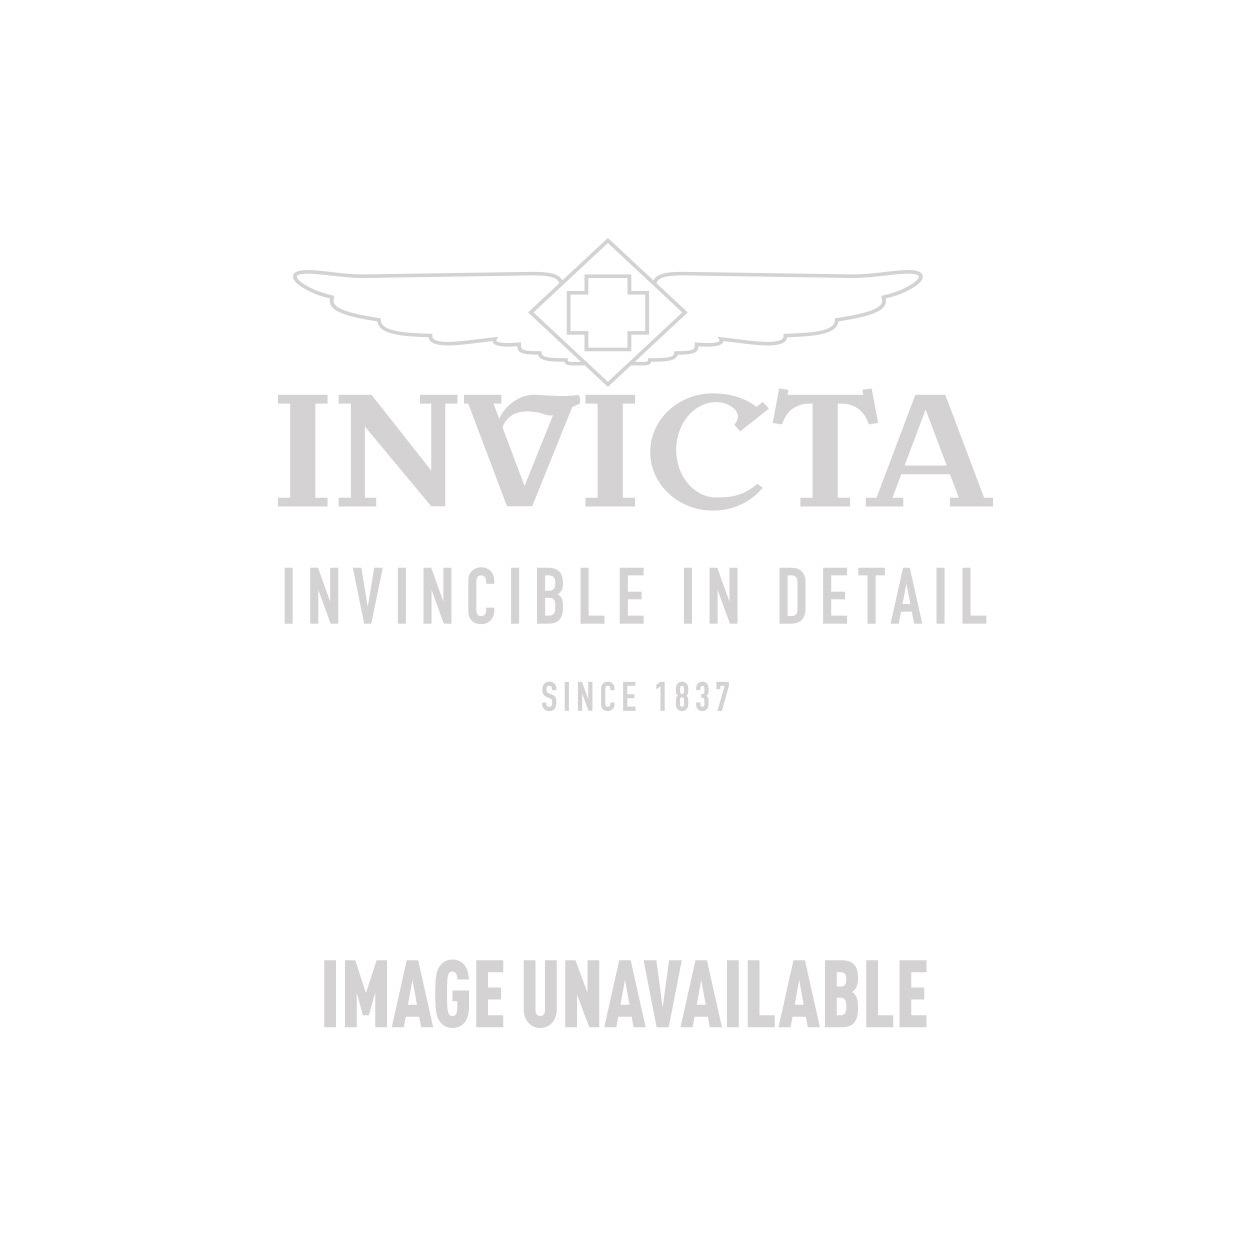 Invicta Model  22113